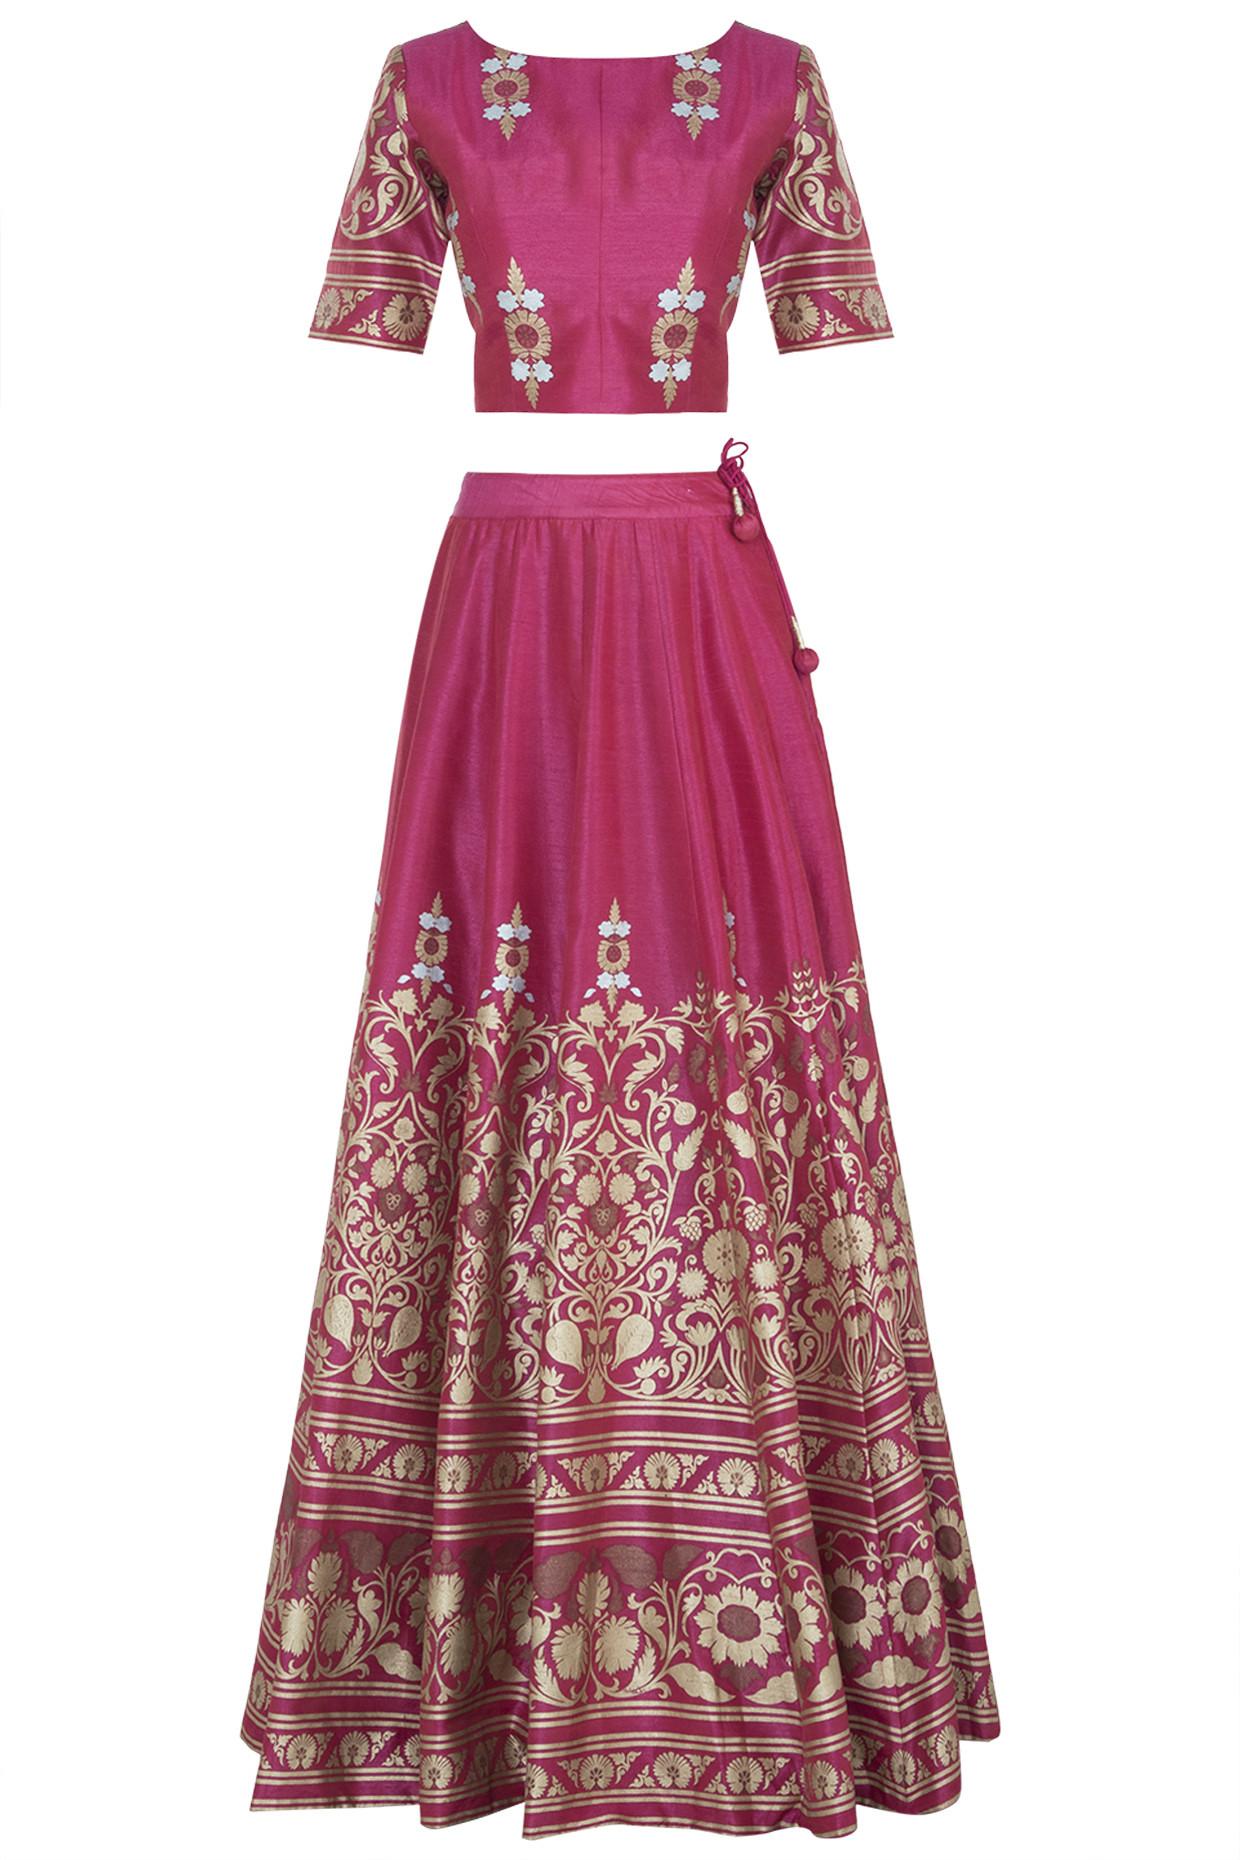 Pink Printed Lehenga Set by Surendri